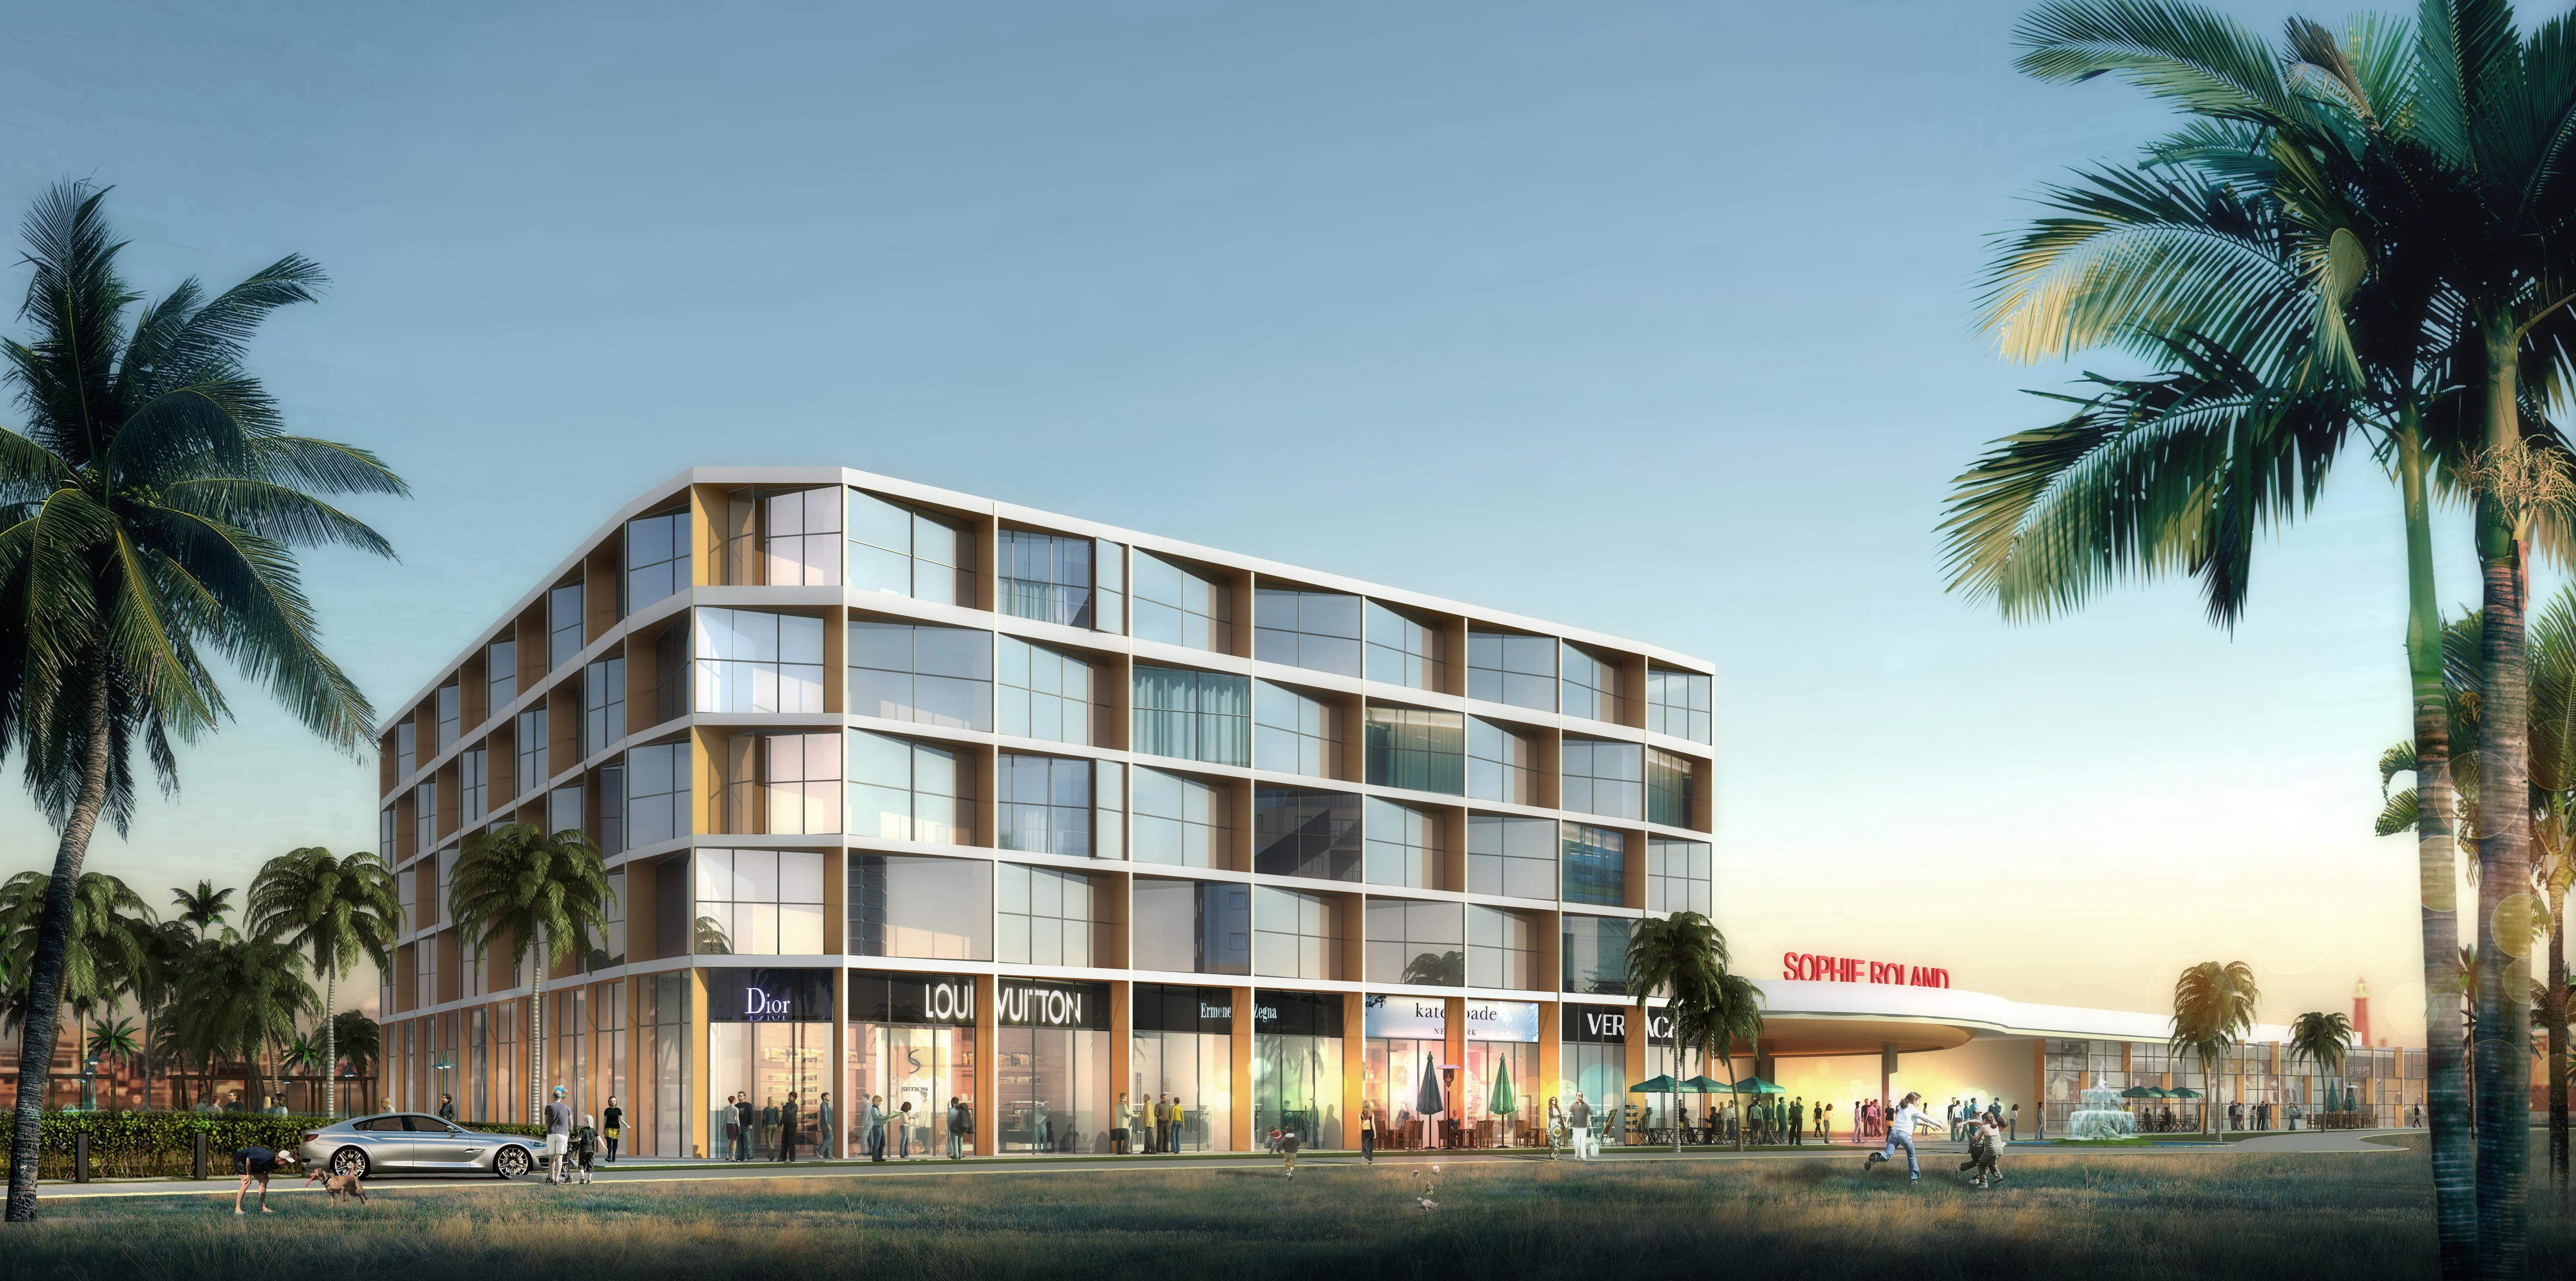 Sophie roland hotel facade design splendid 4d for Design hotel east